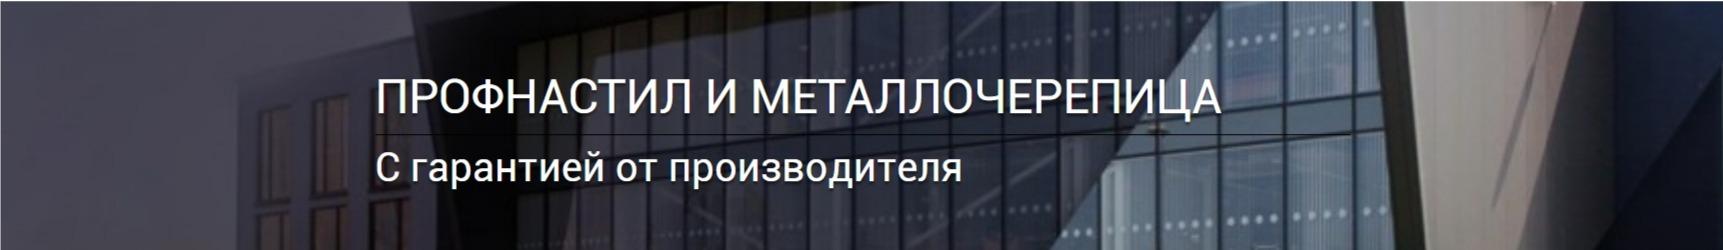 Новости Днепра про ООО «НОВА СТАЛЬ»